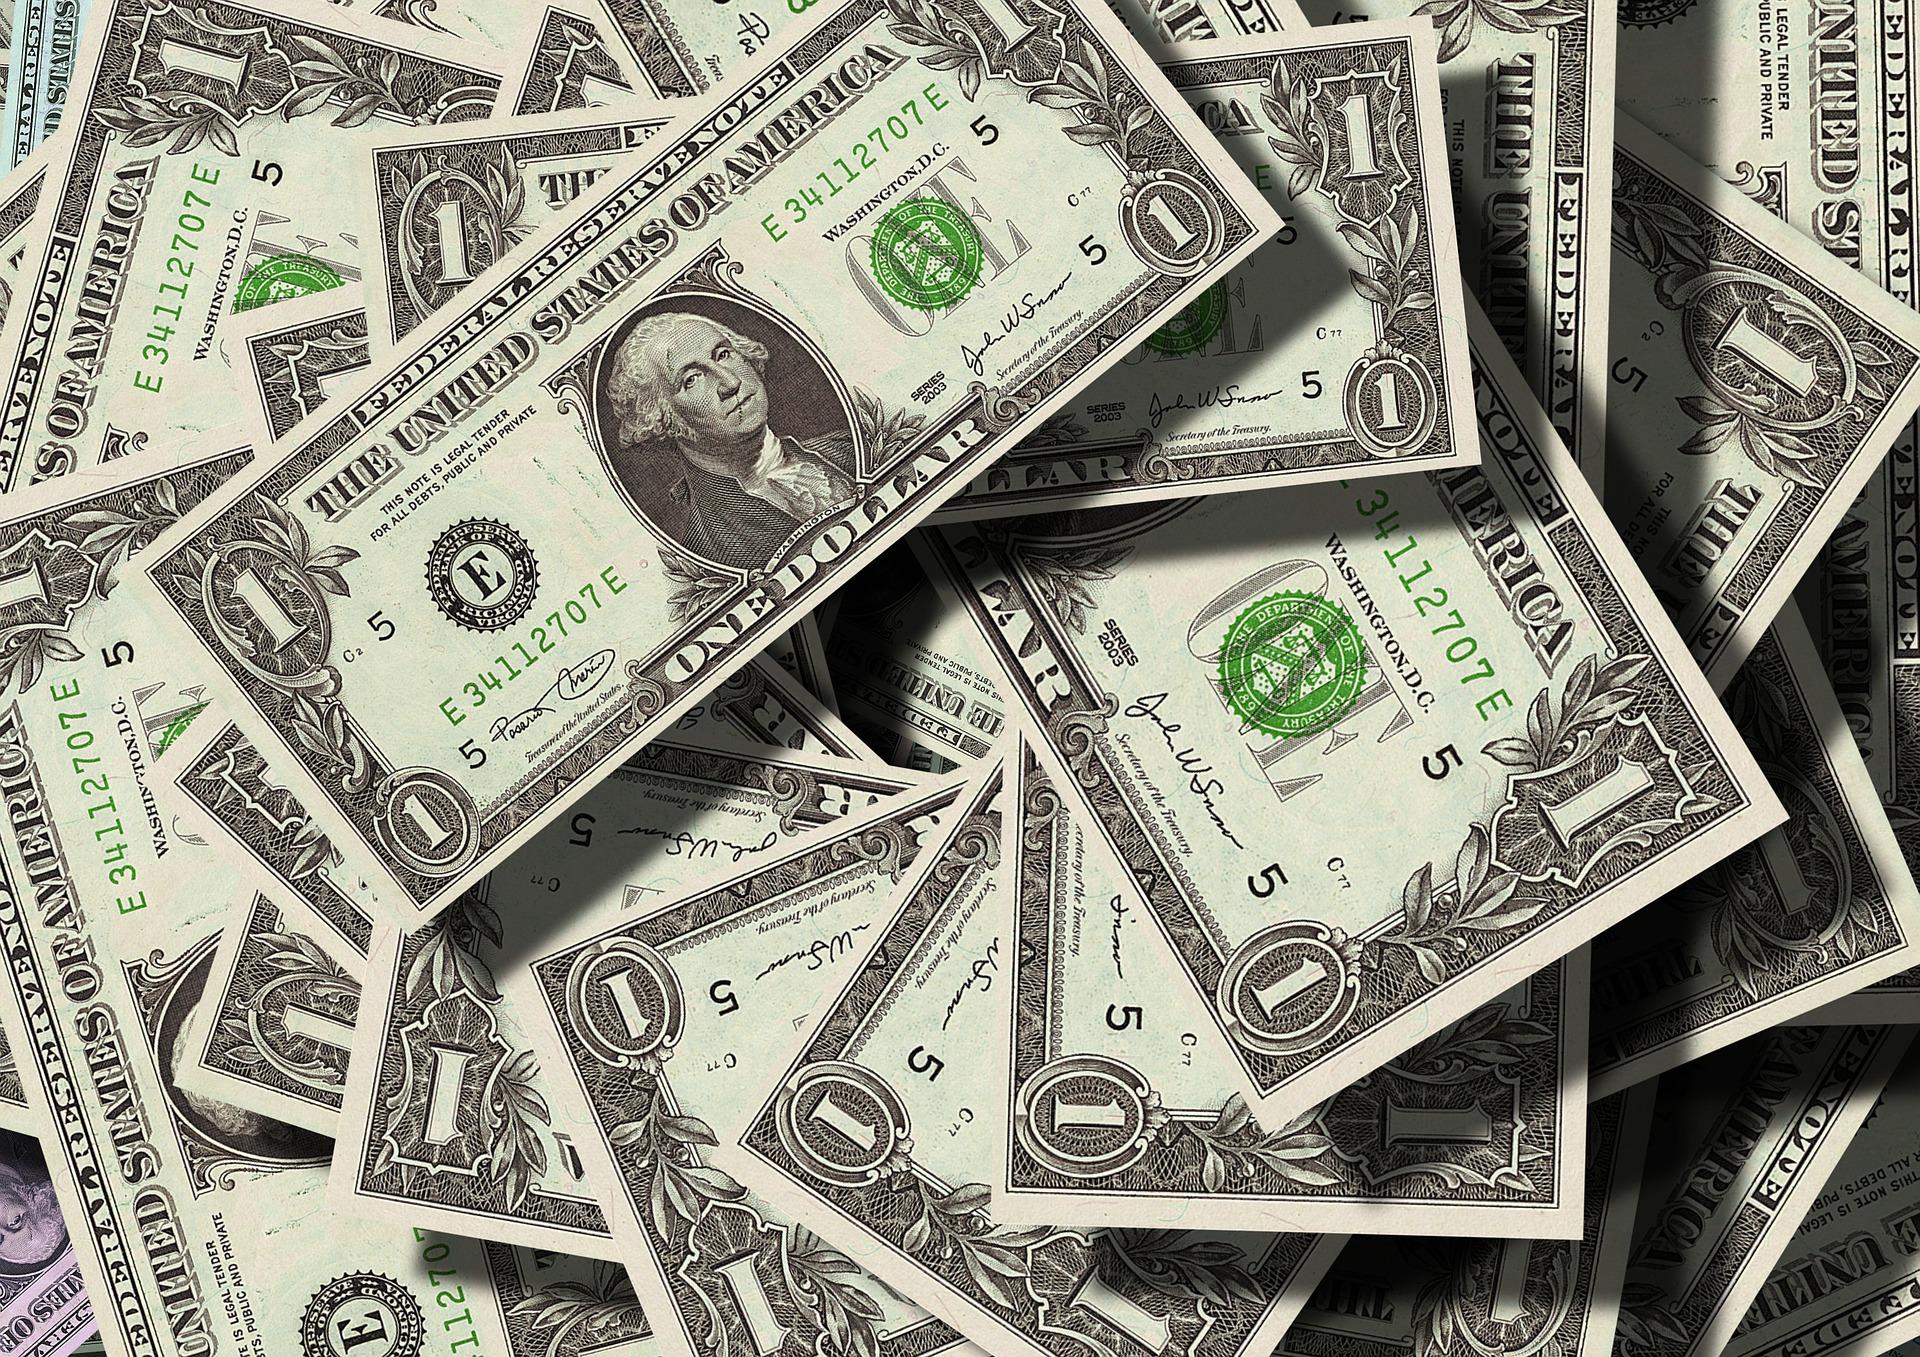 Акции, выплаты по которым увеличились в течение 5 лет